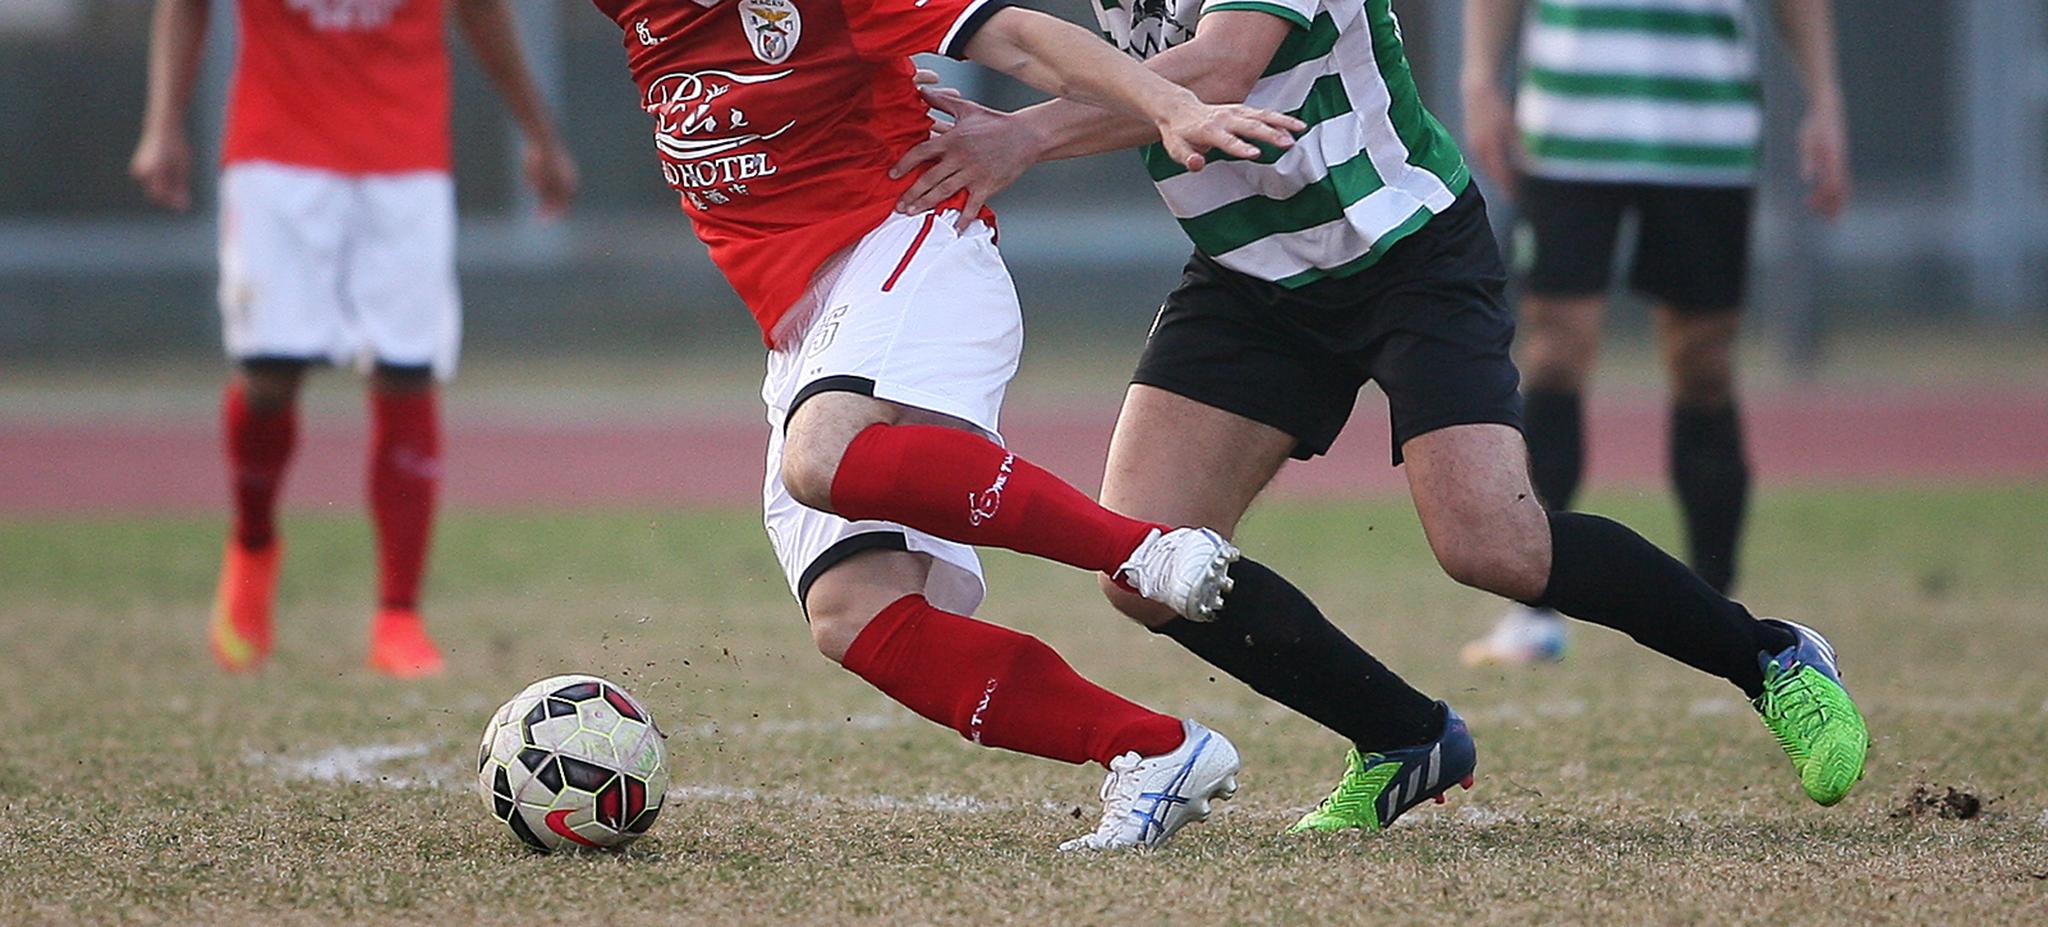 Futebol de Sete   Benfica e Sporting lutam por passagem às 'meias'